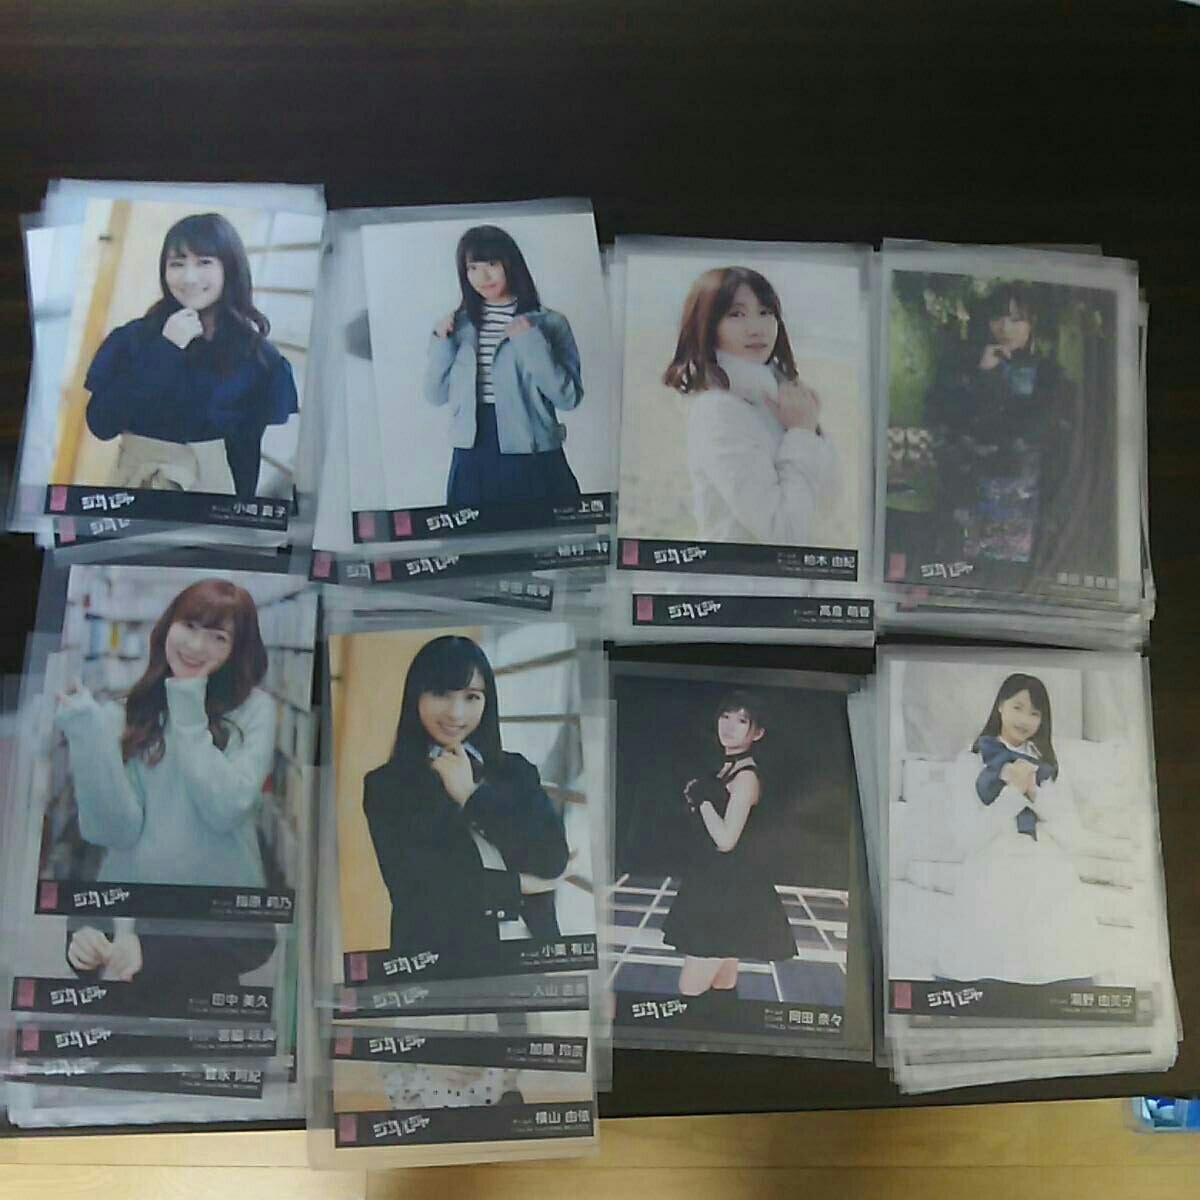 ジャーバージャ 劇場盤生写真 86種類 かぶりなしAKB48SKE48NMB48NGT48HKT48等